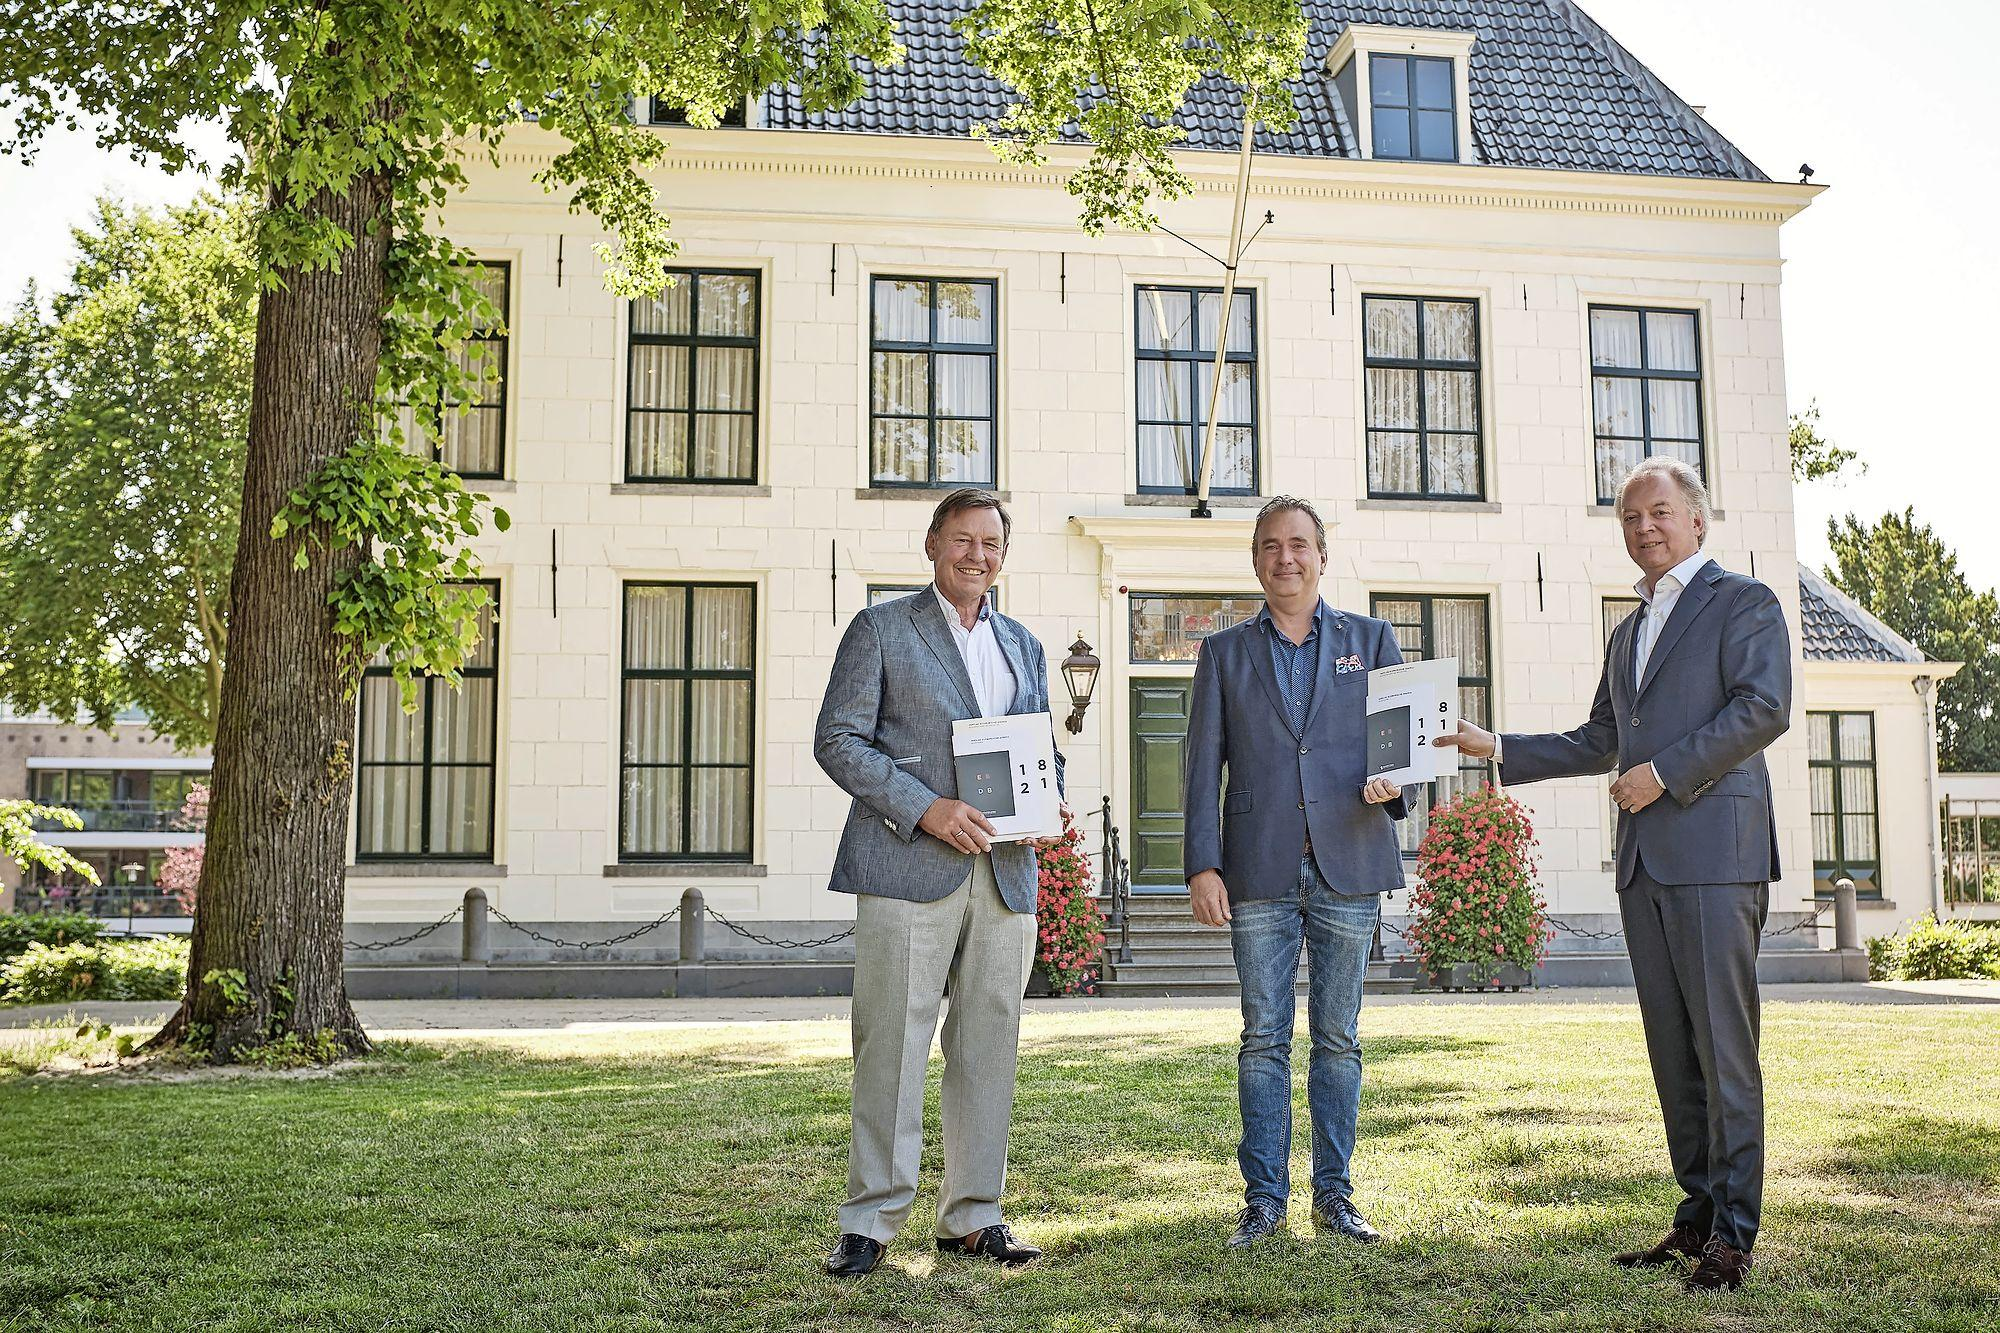 Commissaris Jaap Smit: het is tijd voor een Rotterdamse aanpak in de Bollenstreek